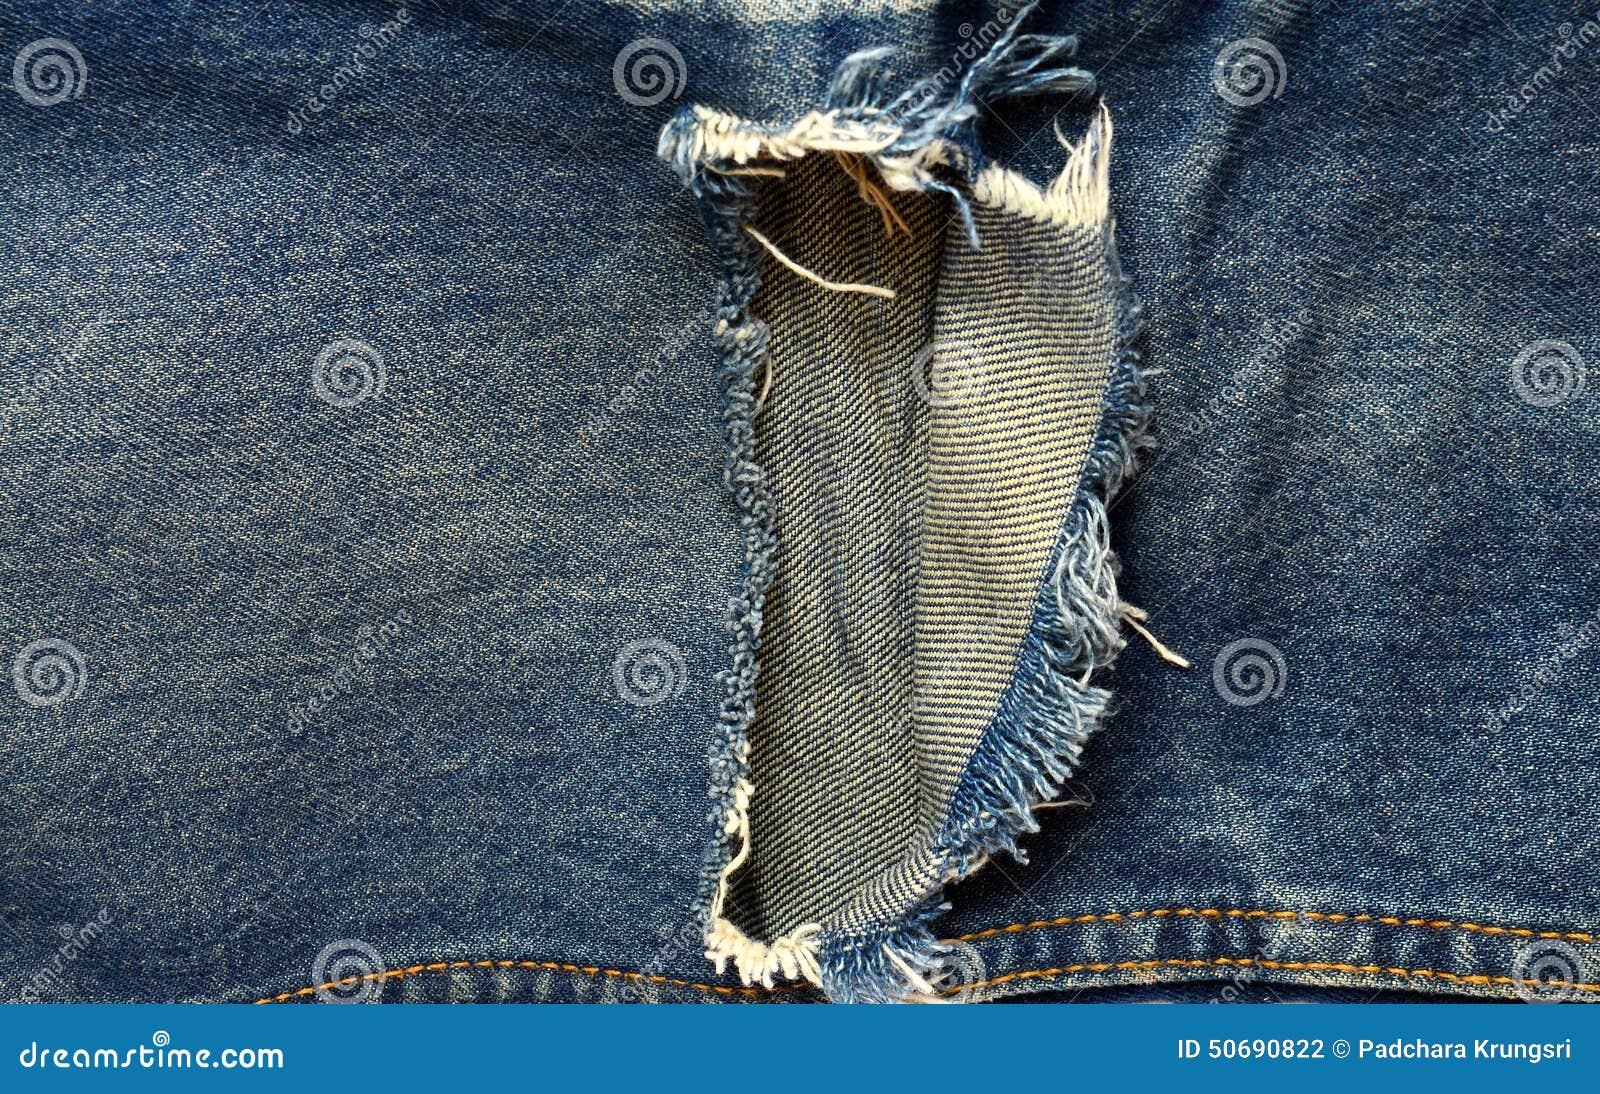 Download 牛仔裤 库存照片. 图片 包括有 材料, 透视图, 裤子, 蓝色, 牛仔裤, 织品, 特写镜头, ,并且 - 50690822